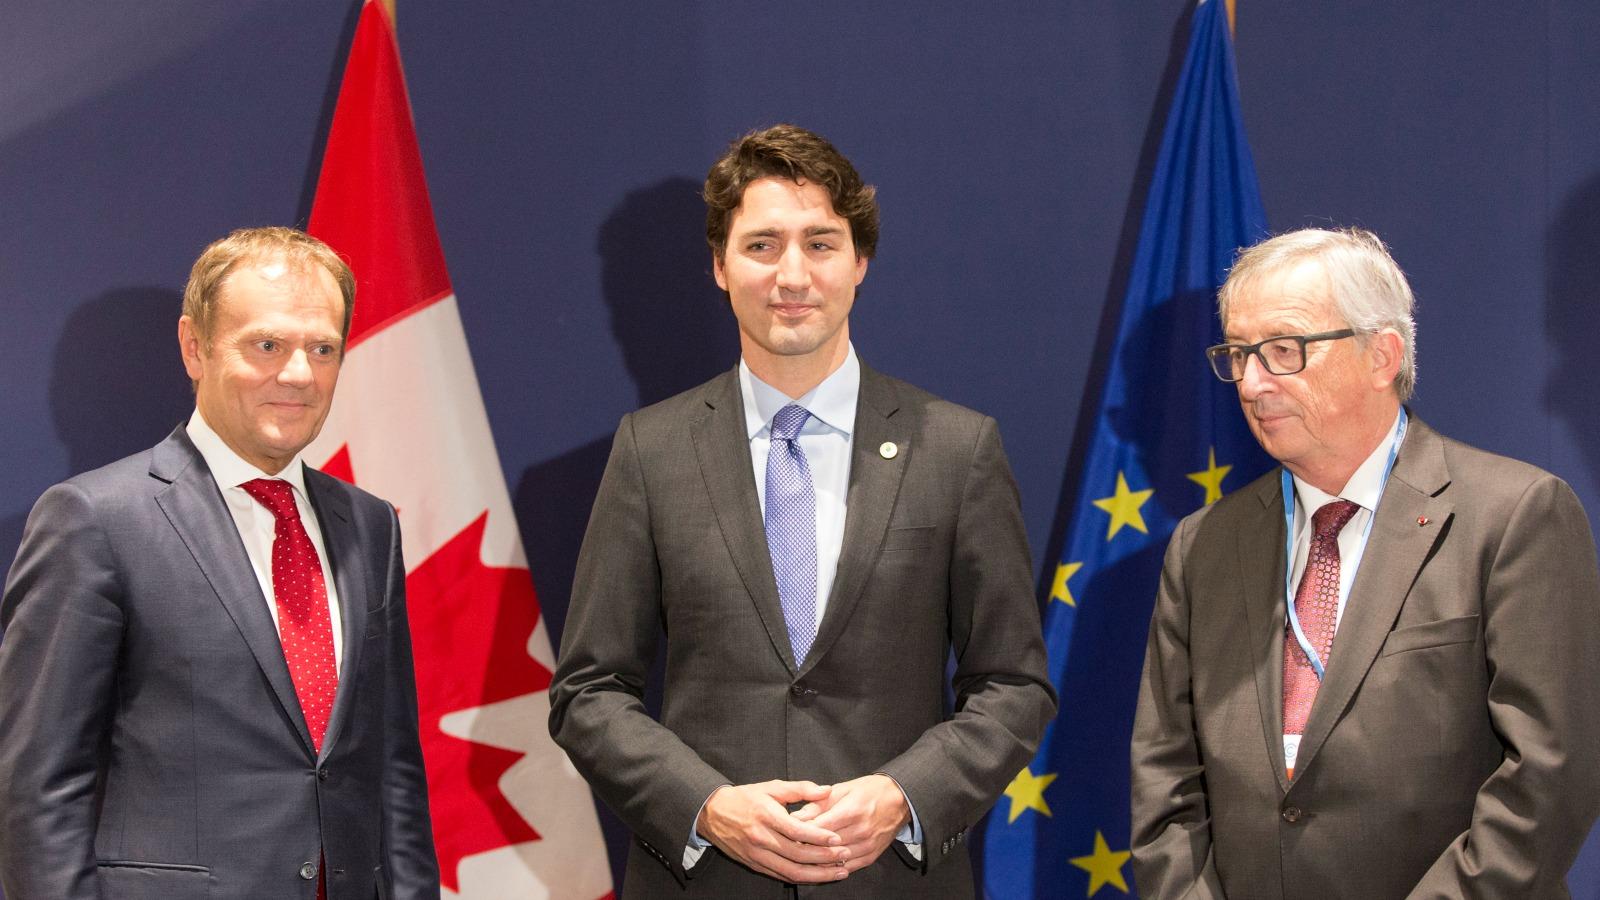 CETA, Freihandelsabkommen, Justin Trudeau, TTIP, Kanada